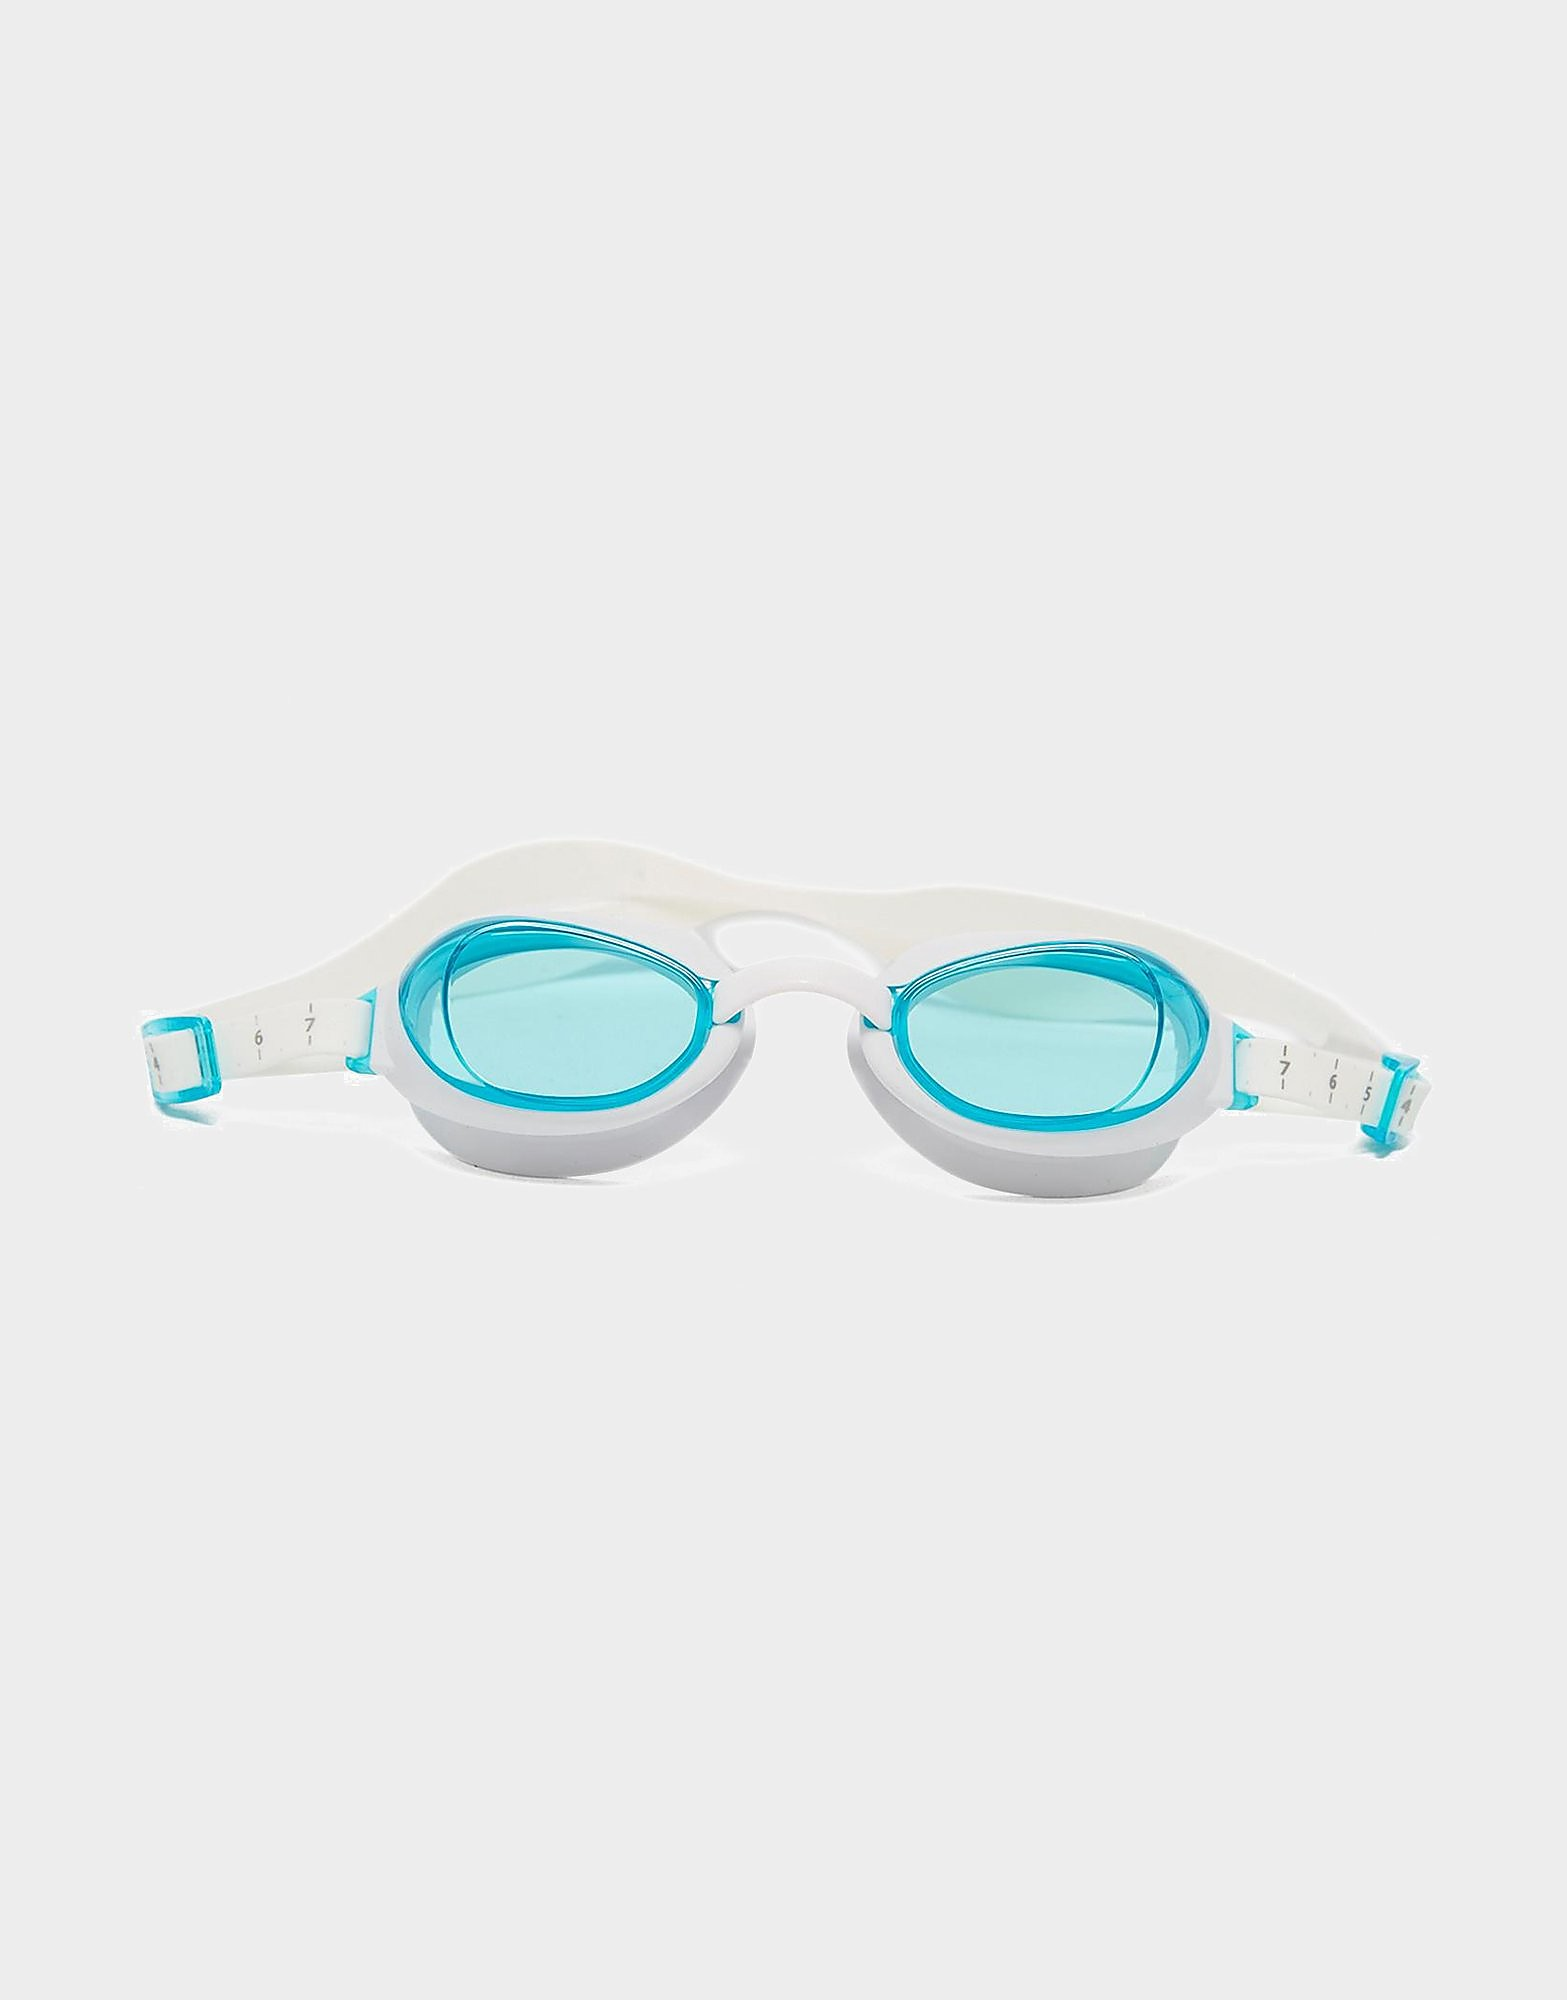 Speedo Lunettes Aquapure IQFit